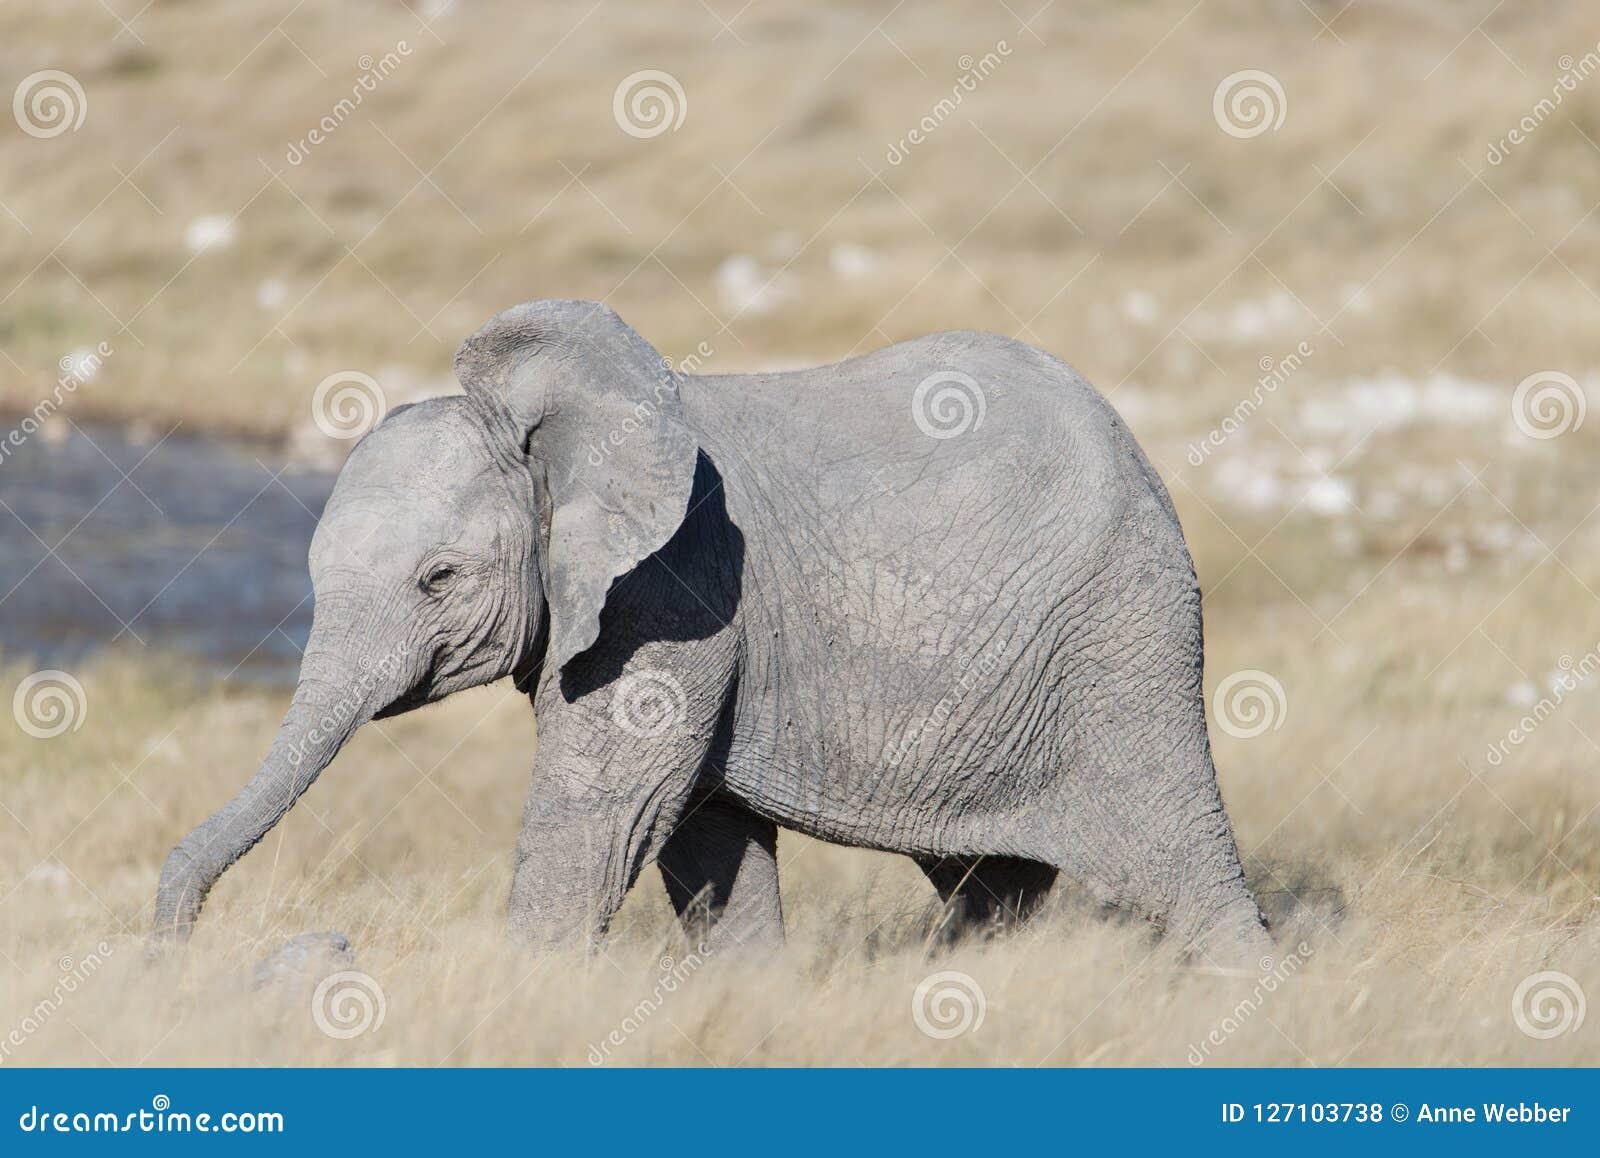 Een leuke babyolifant met zijn uitgebreide boomstam status voor een waterhole